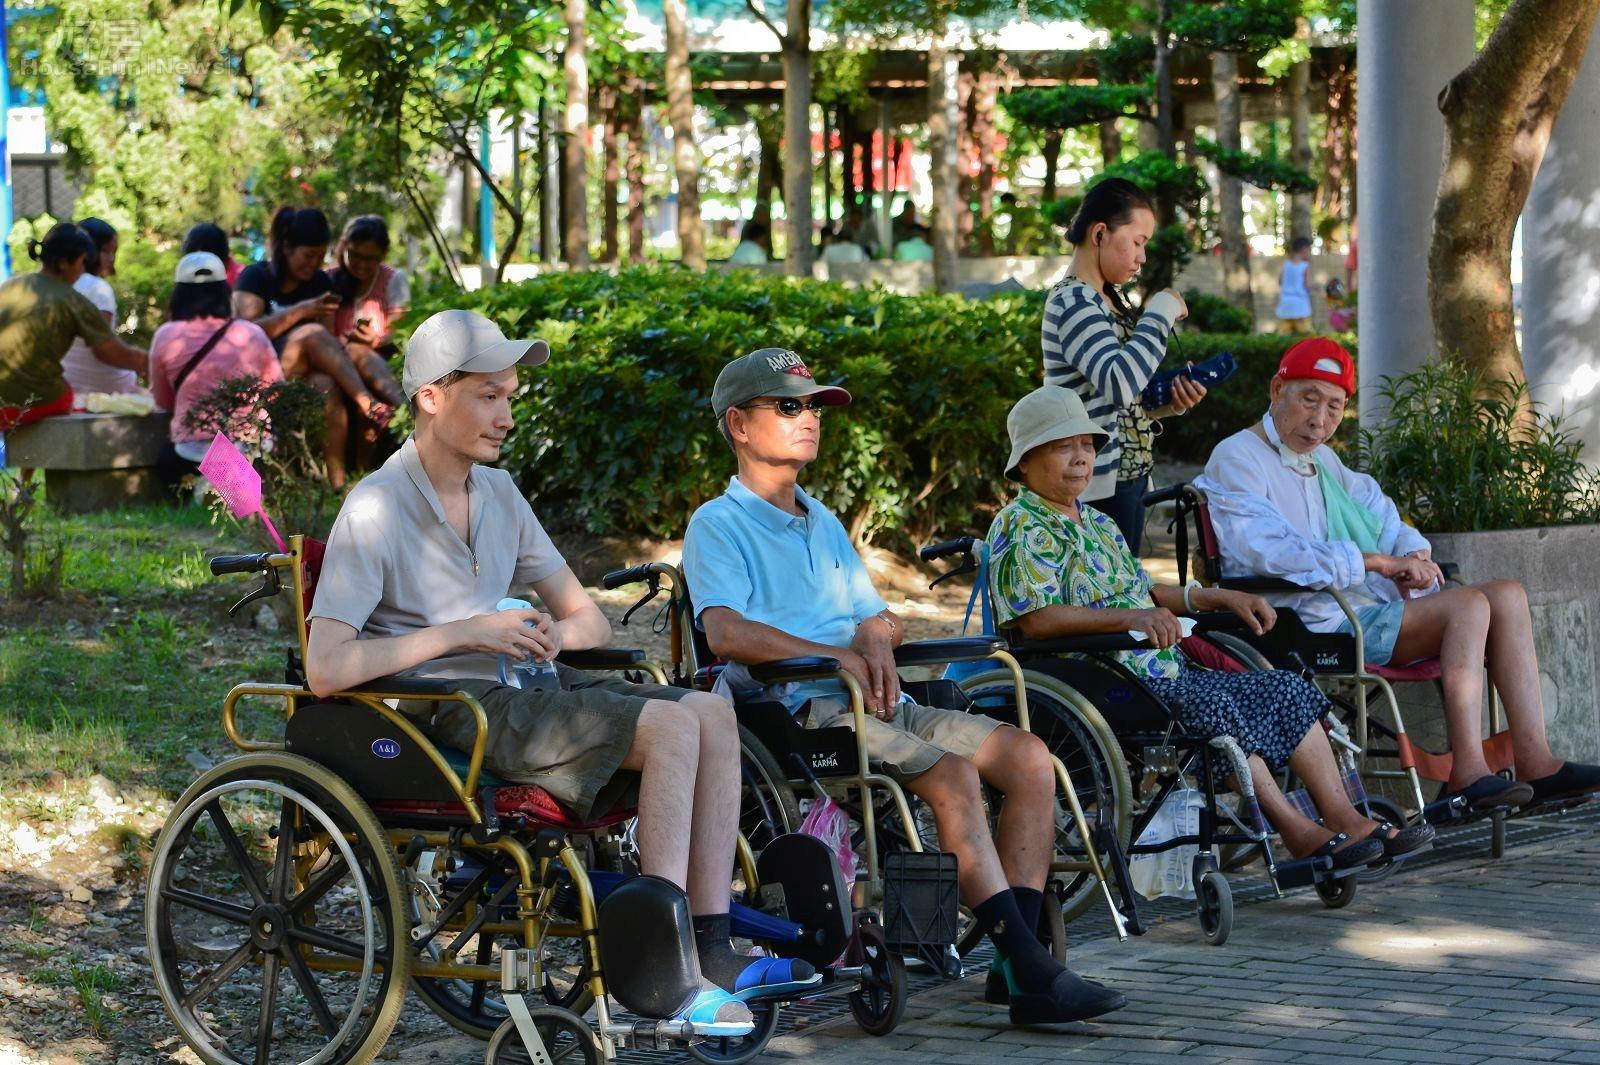 新北市中和區秀山公園,傍晚時外傭們將輪椅上的民眾一字排開,讓他們自己聊天,外傭們則聚集至後方聚會,僅剩一位盡責的看護仍陪著老人。(好房News記者 陳韋帆/攝影)